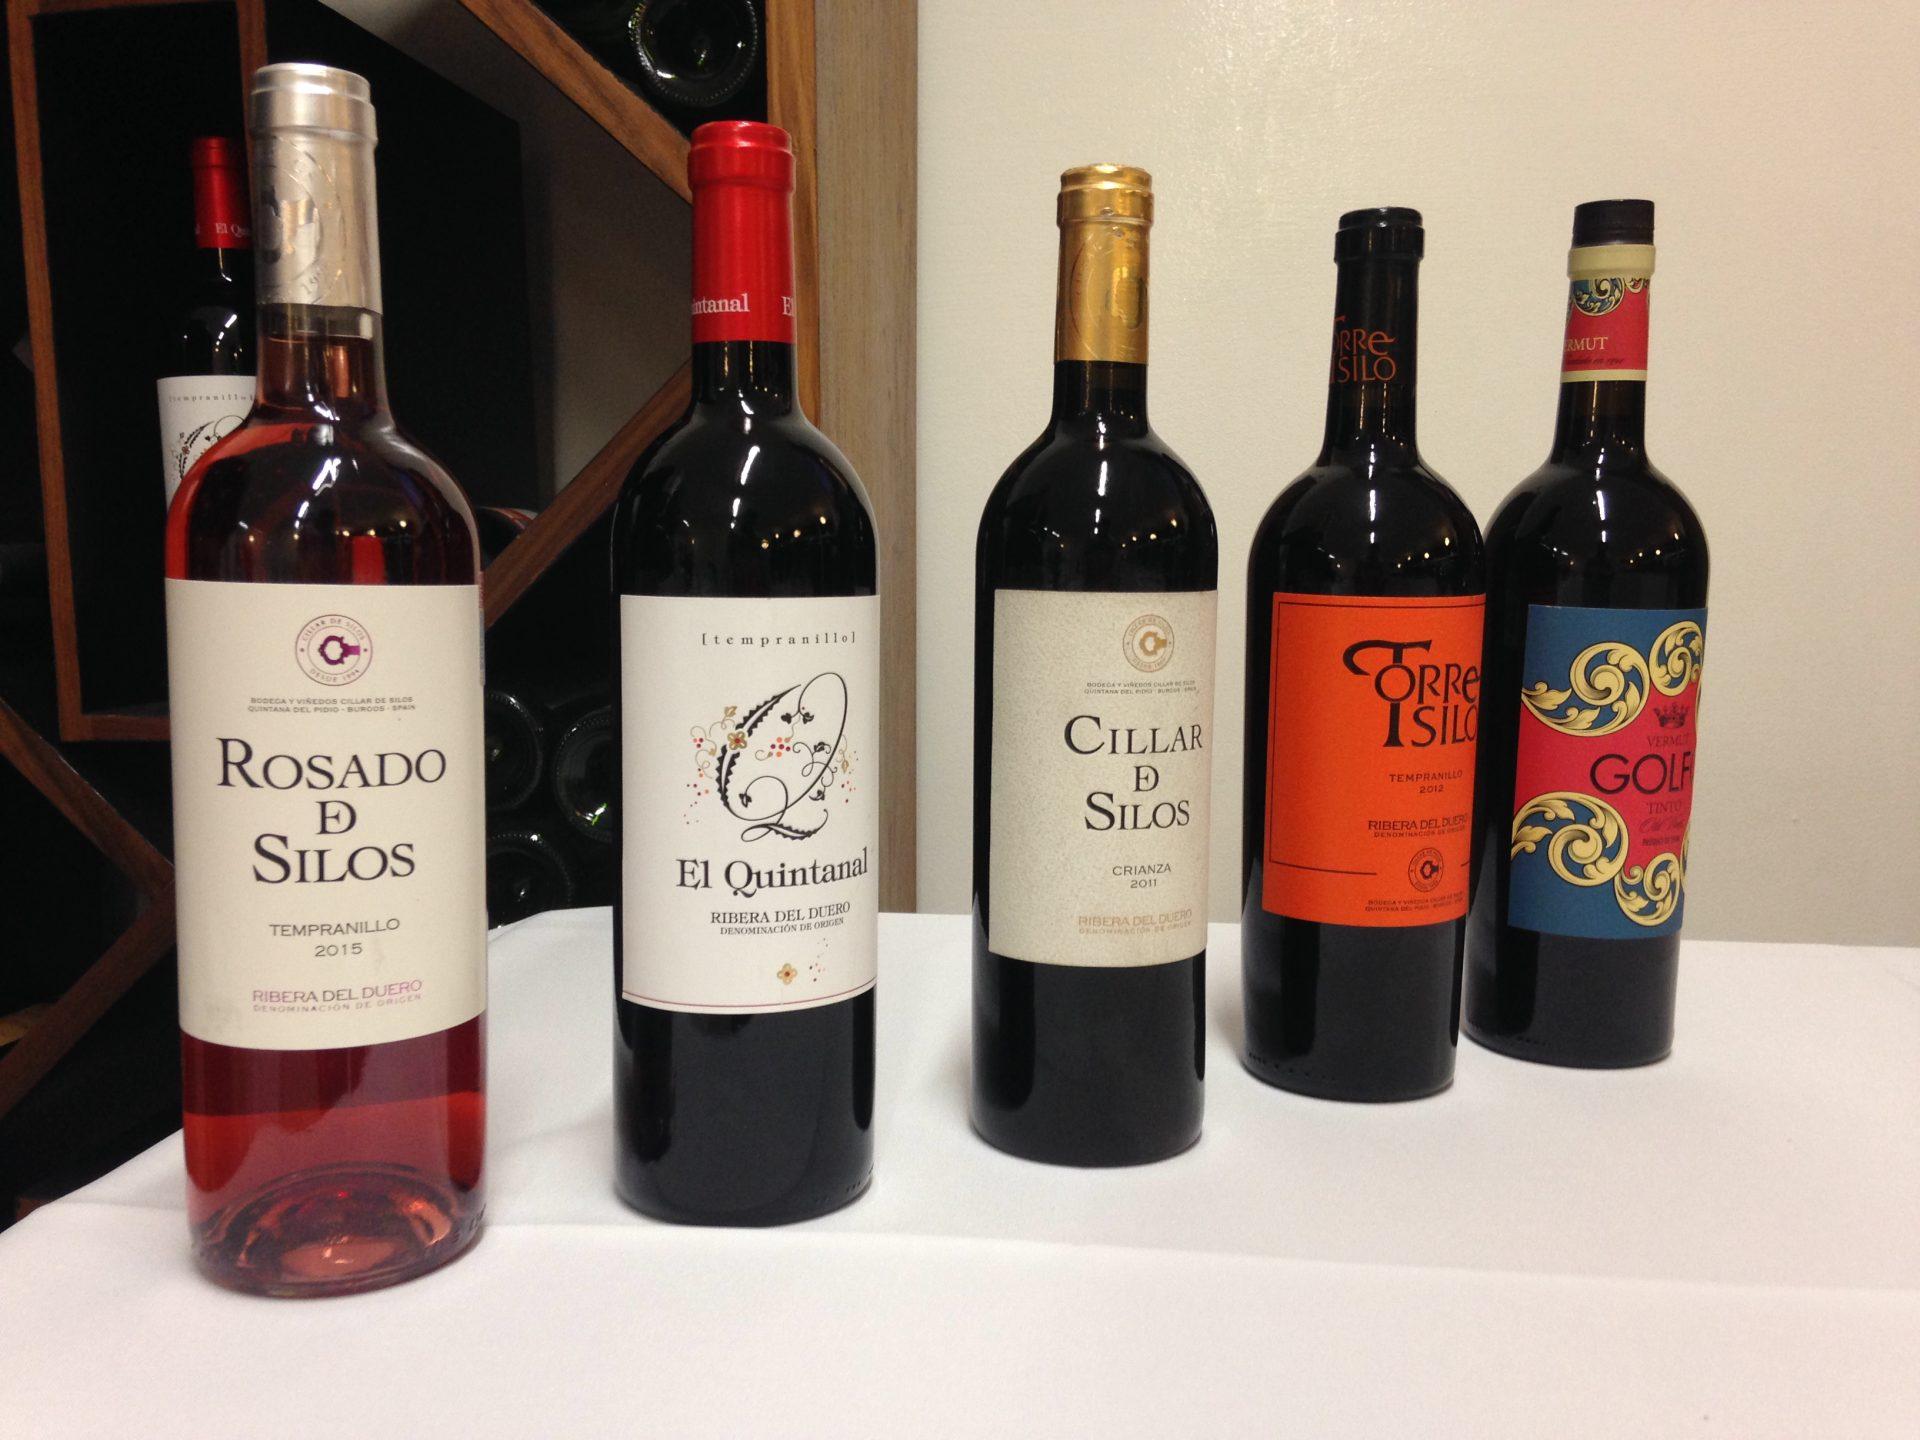 Cillar de Silos, tradición familiar en vinos